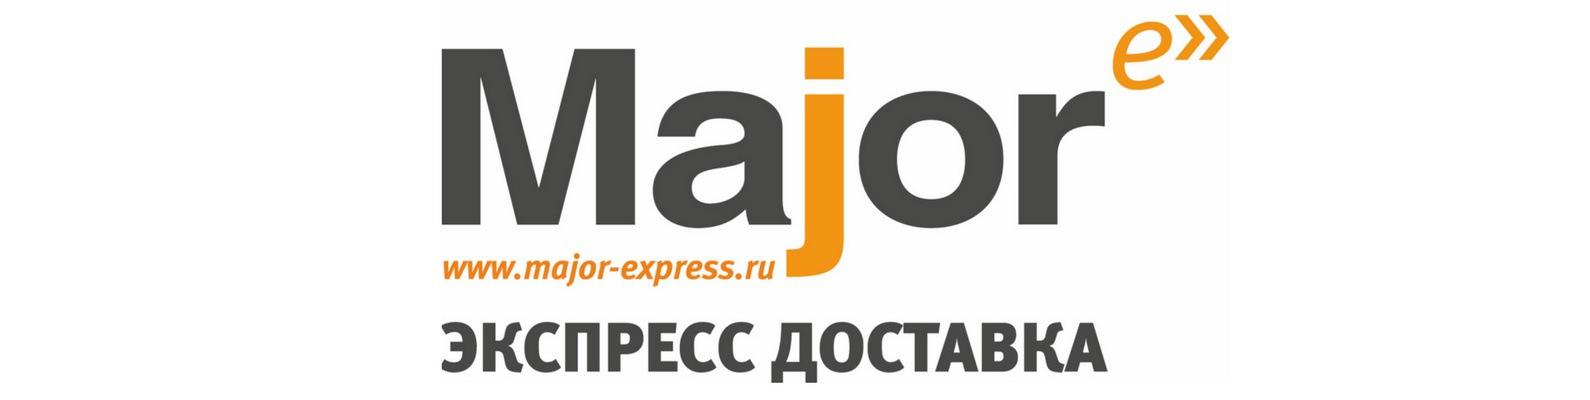 Доставка курьерской почтой Мэйджор Экспресс (2 дня)